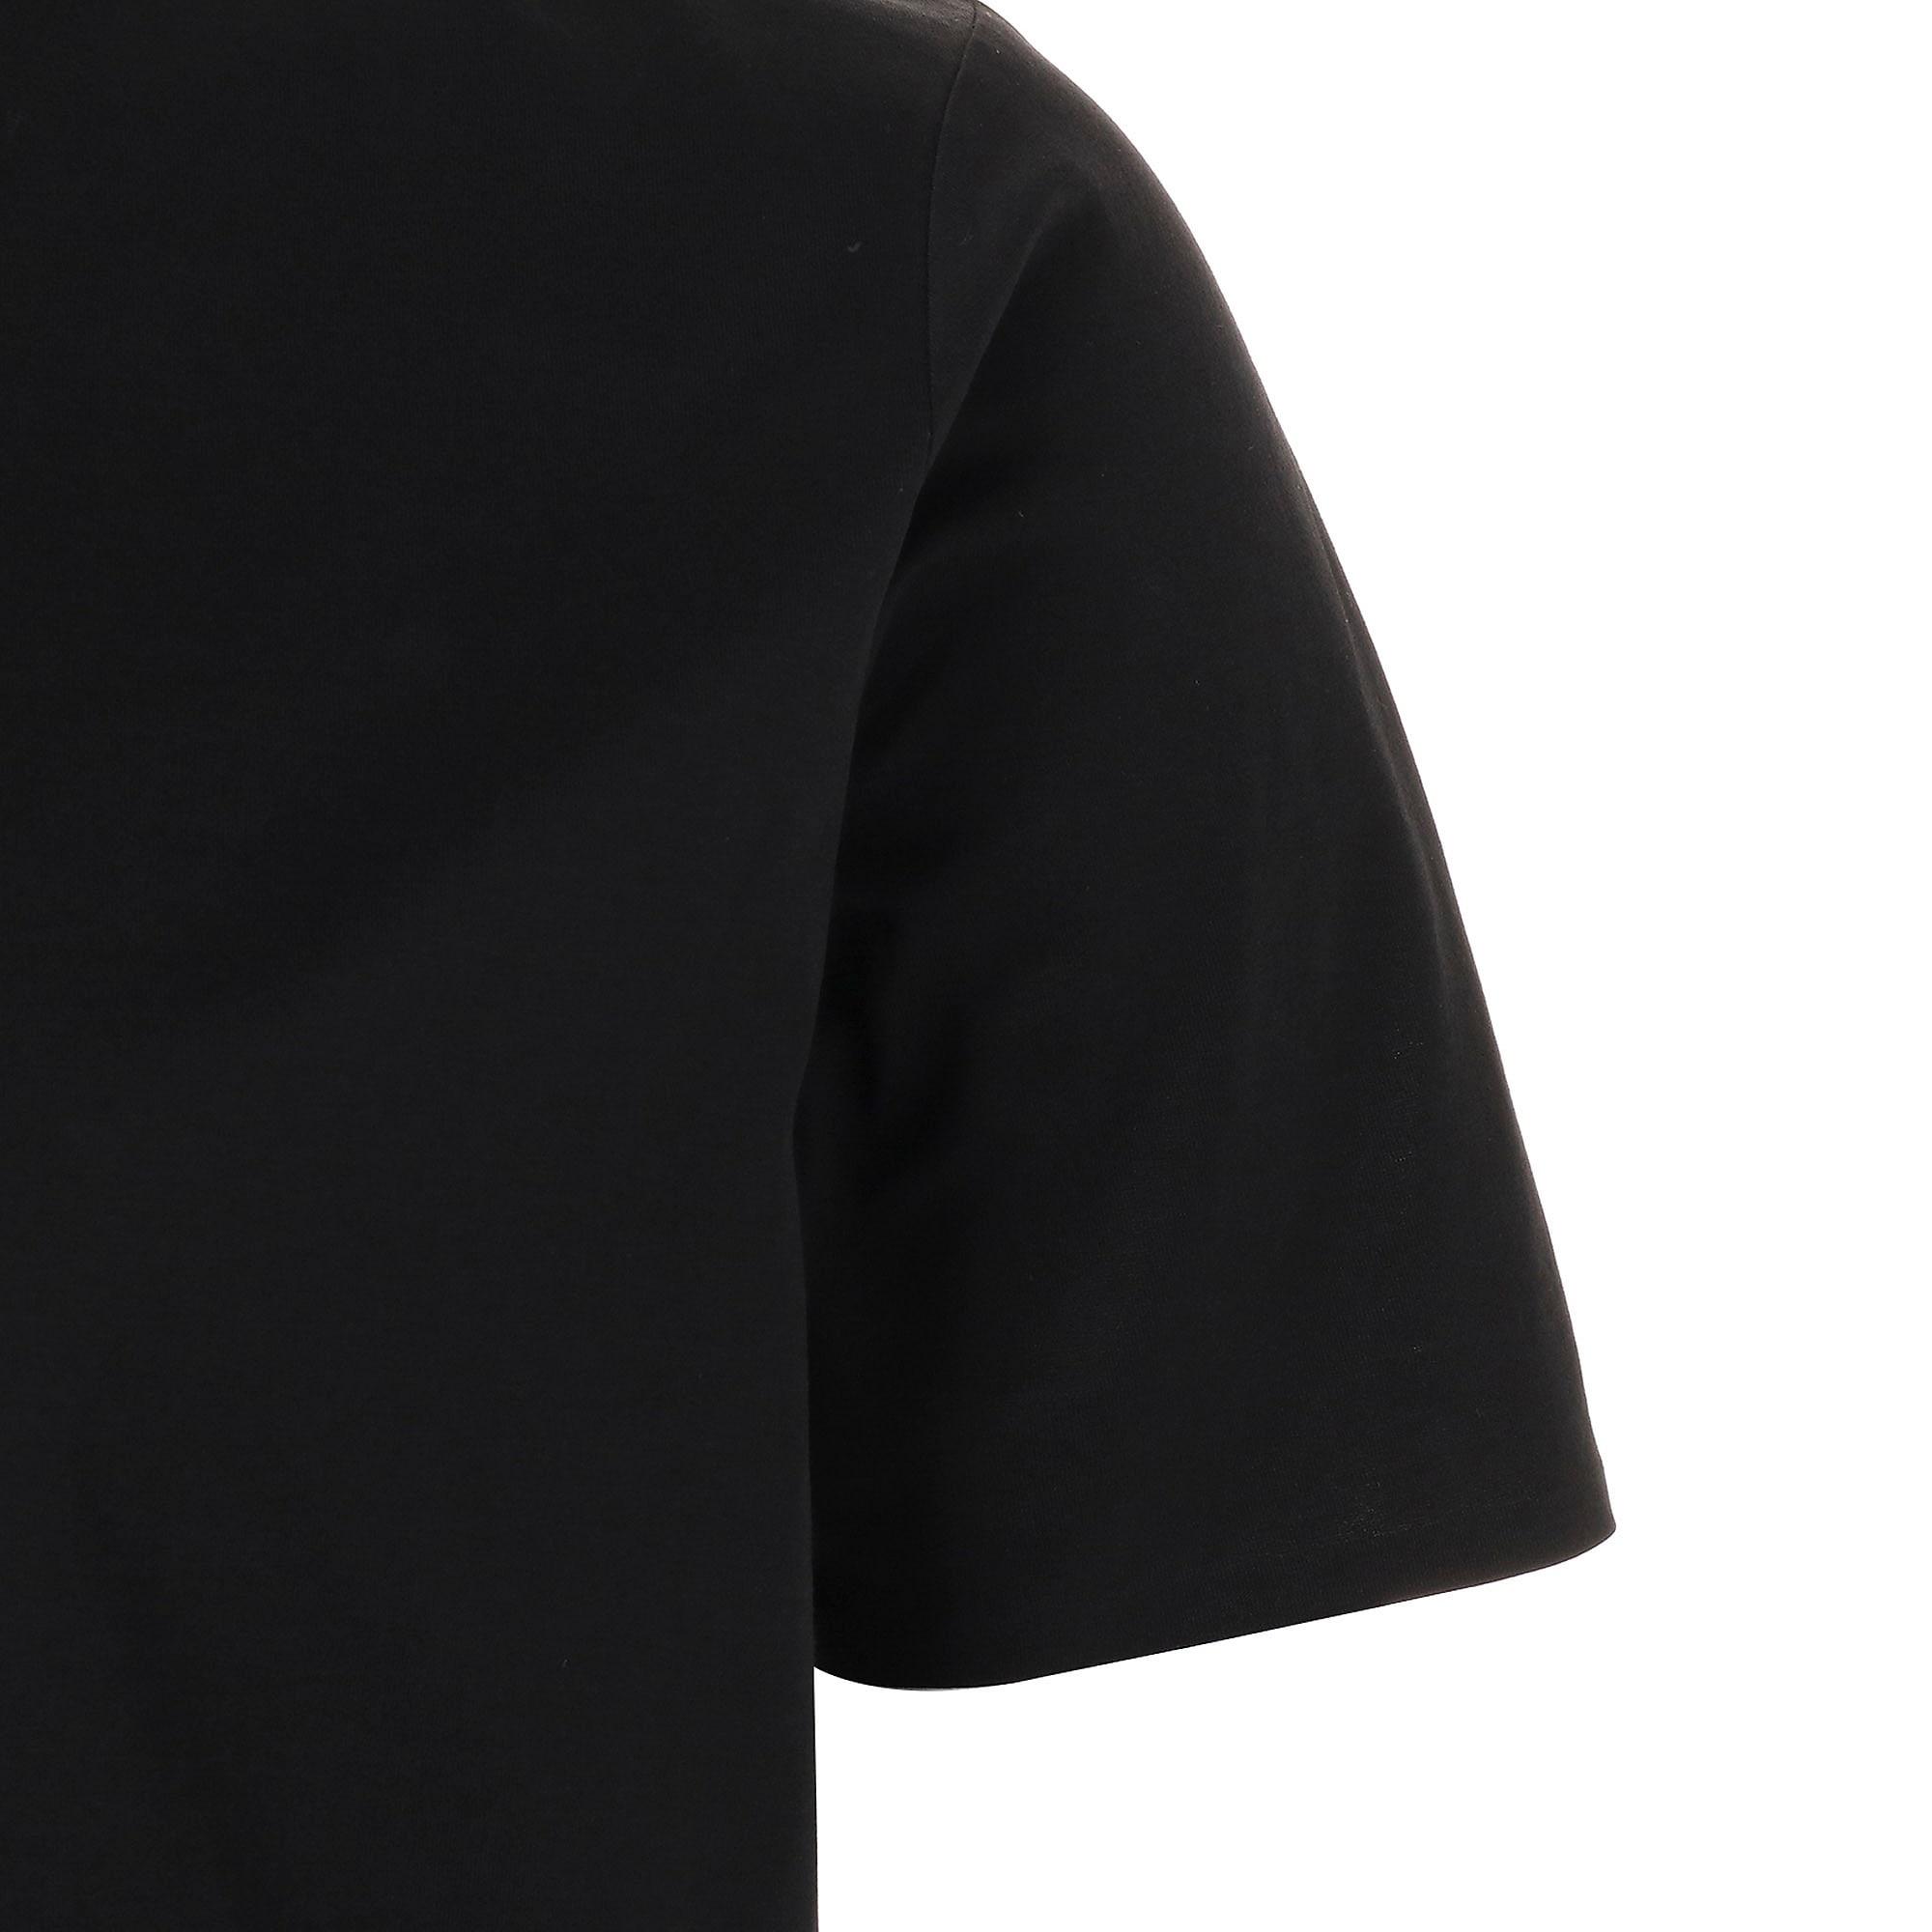 Thumbnail 5 of PORSCHE DESIGN  ライフ Tシャツ, Jet Black, medium-JPN